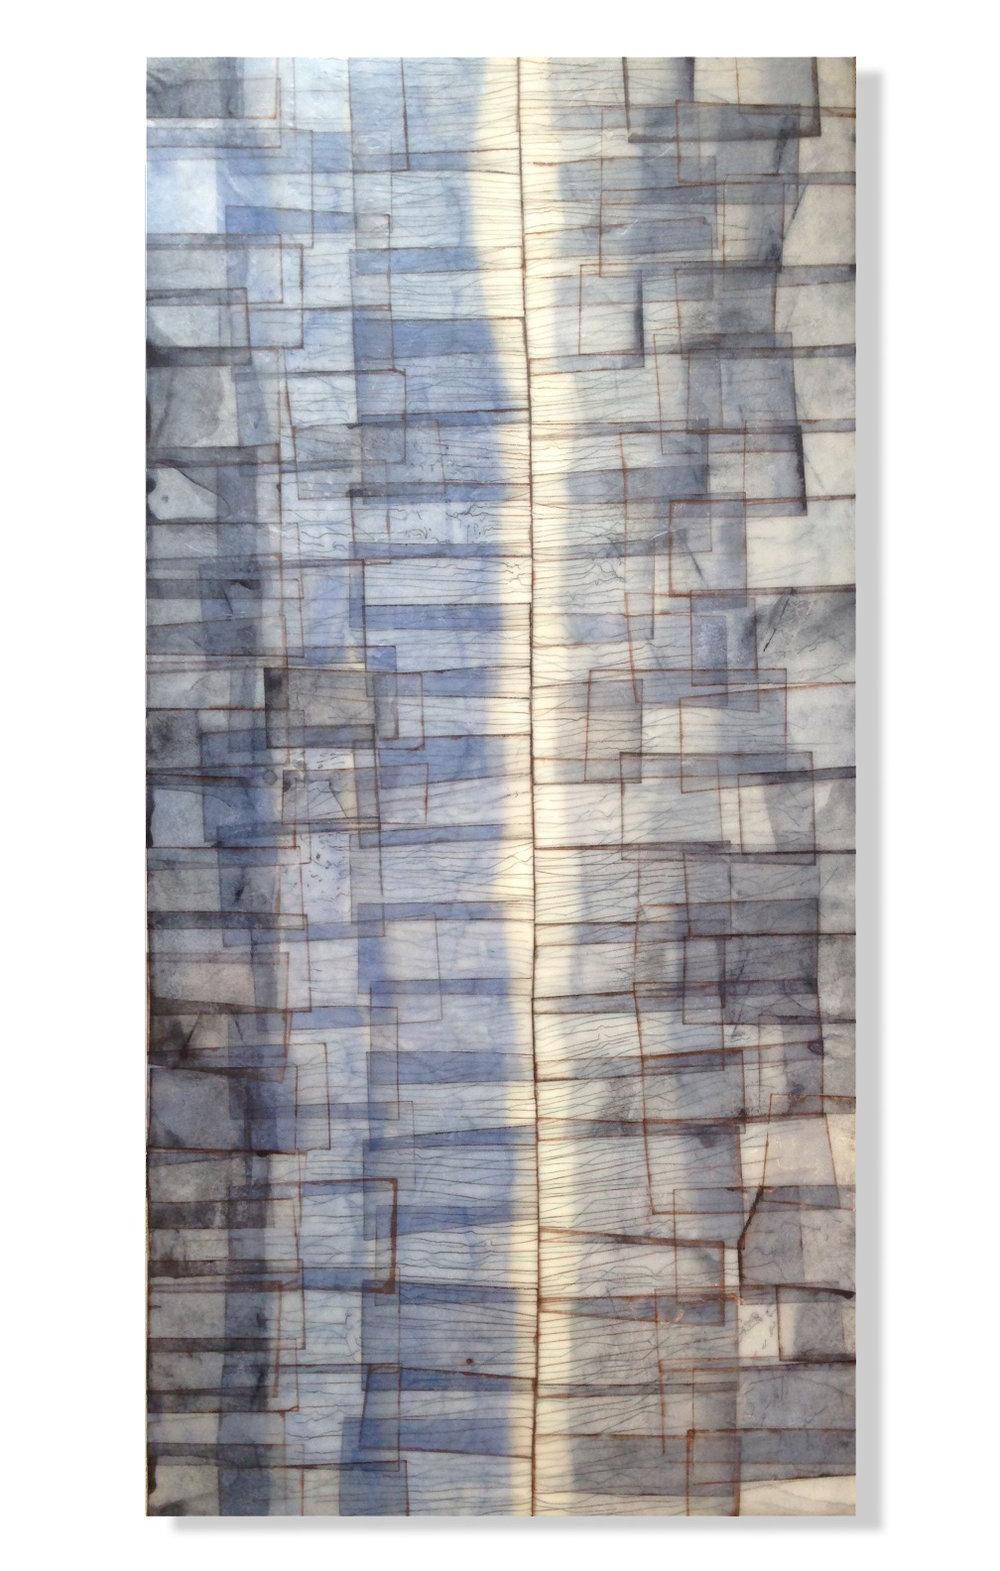 """Divide, 2015 Encaustic, Mulberry Paper, Watercolor 12"""" x 24""""x 2"""""""